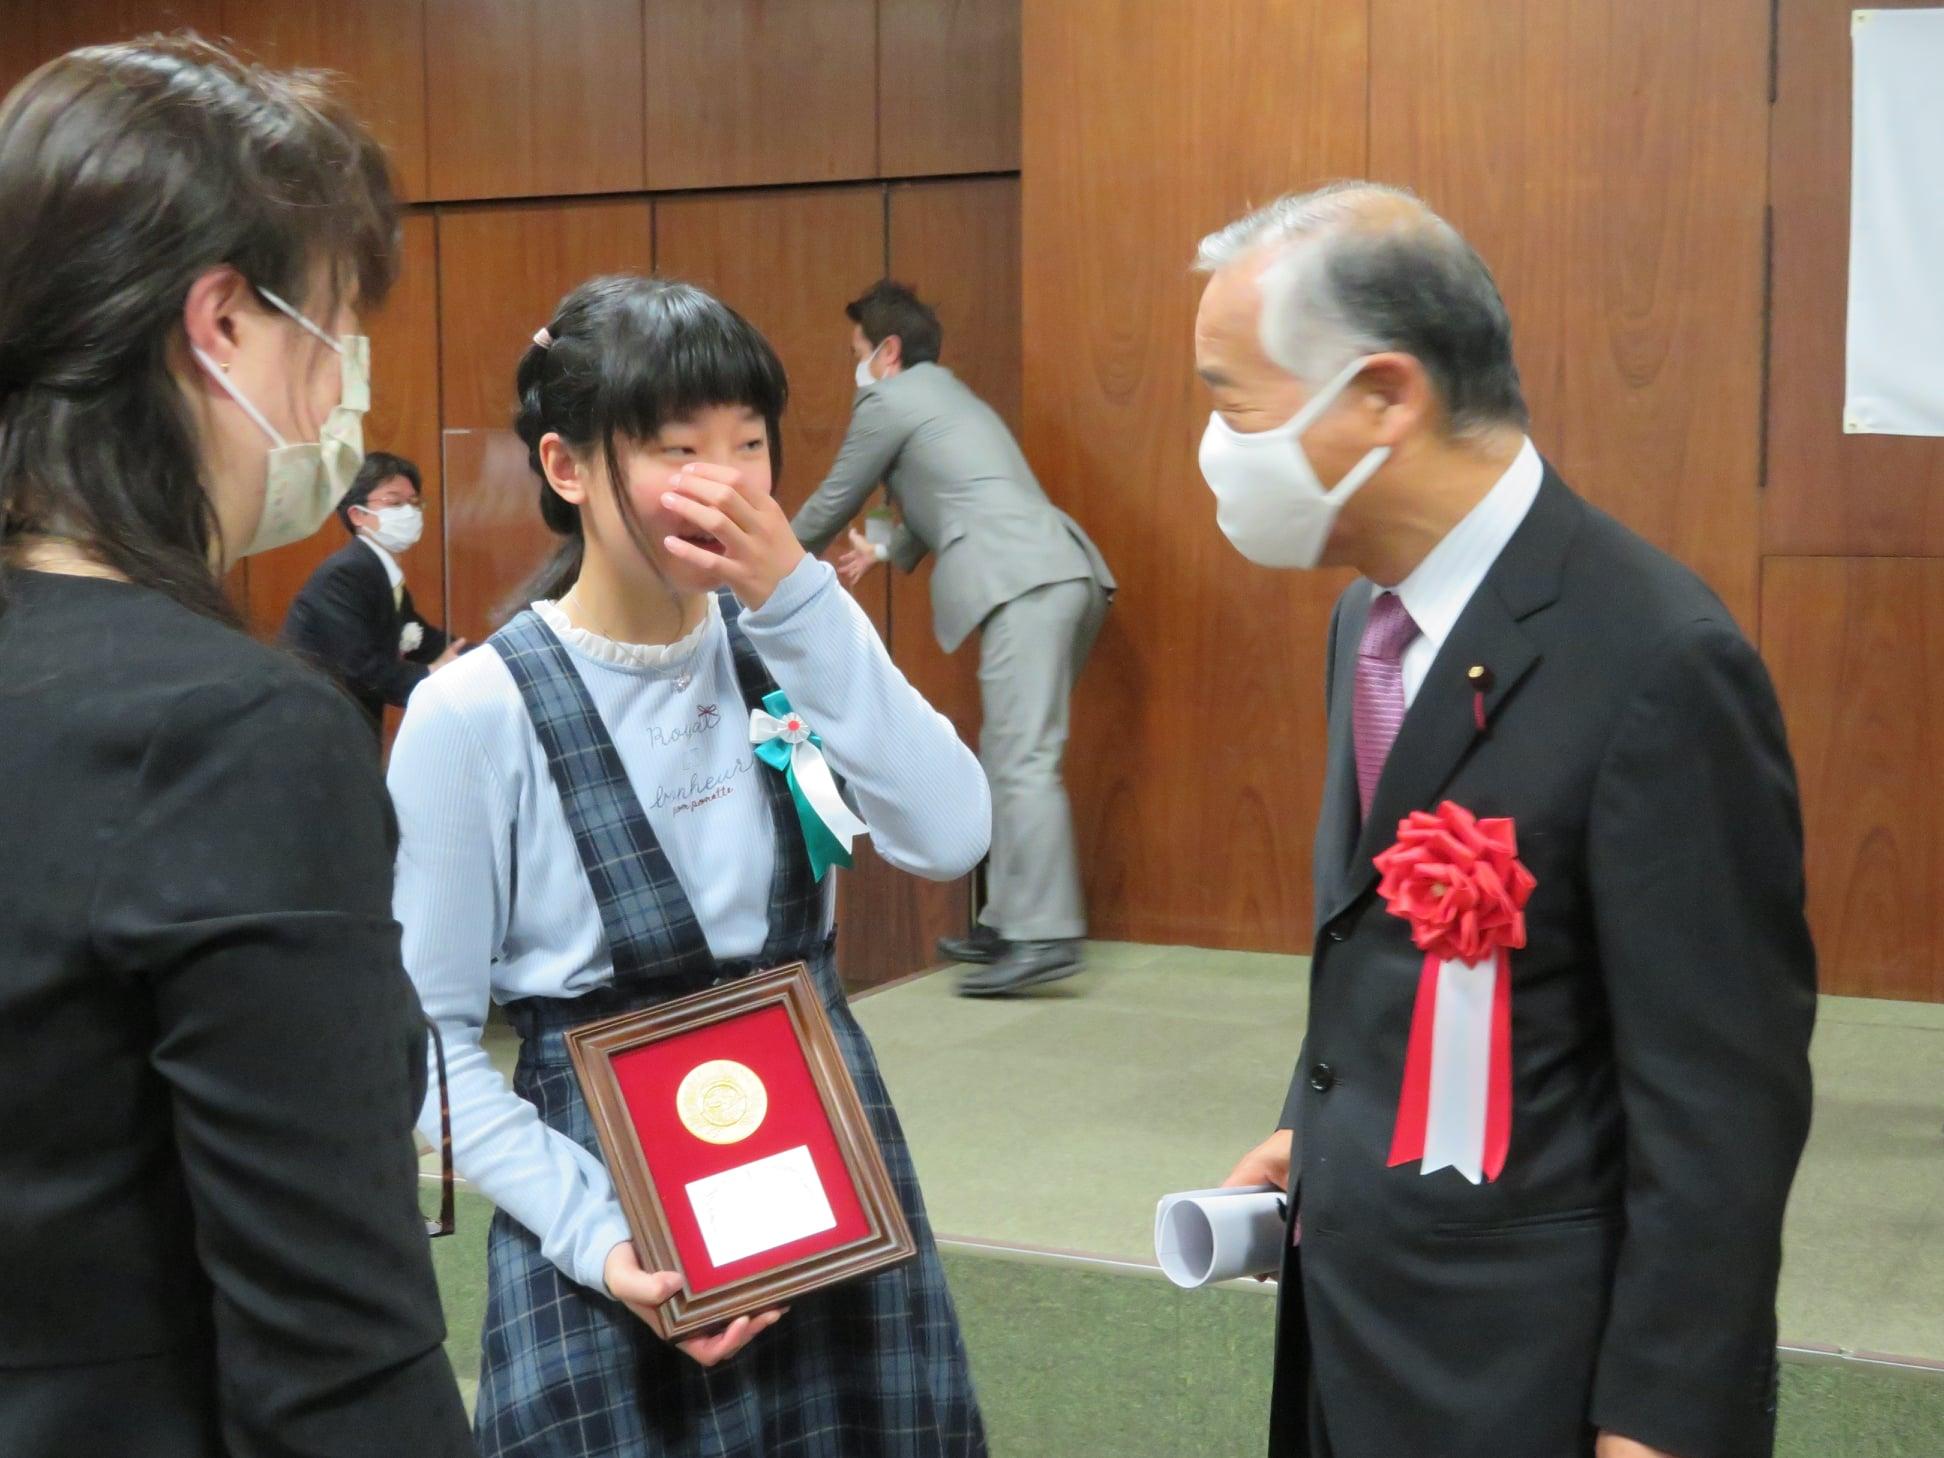 令和3年3月13日「令和2年仙台市スポーツ賞」表彰式に出席しました。